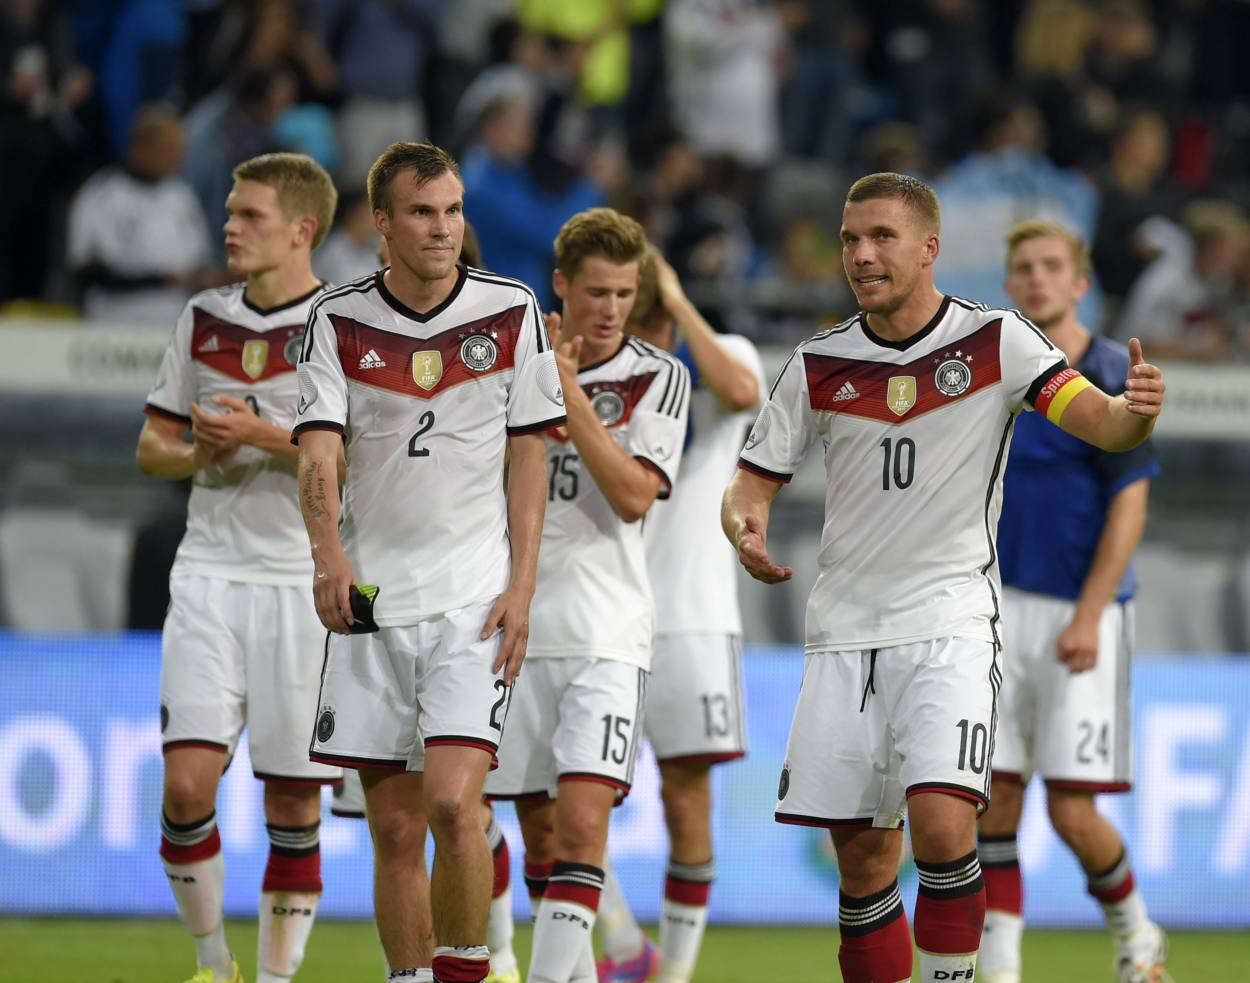 Wm Deutsche Spiele